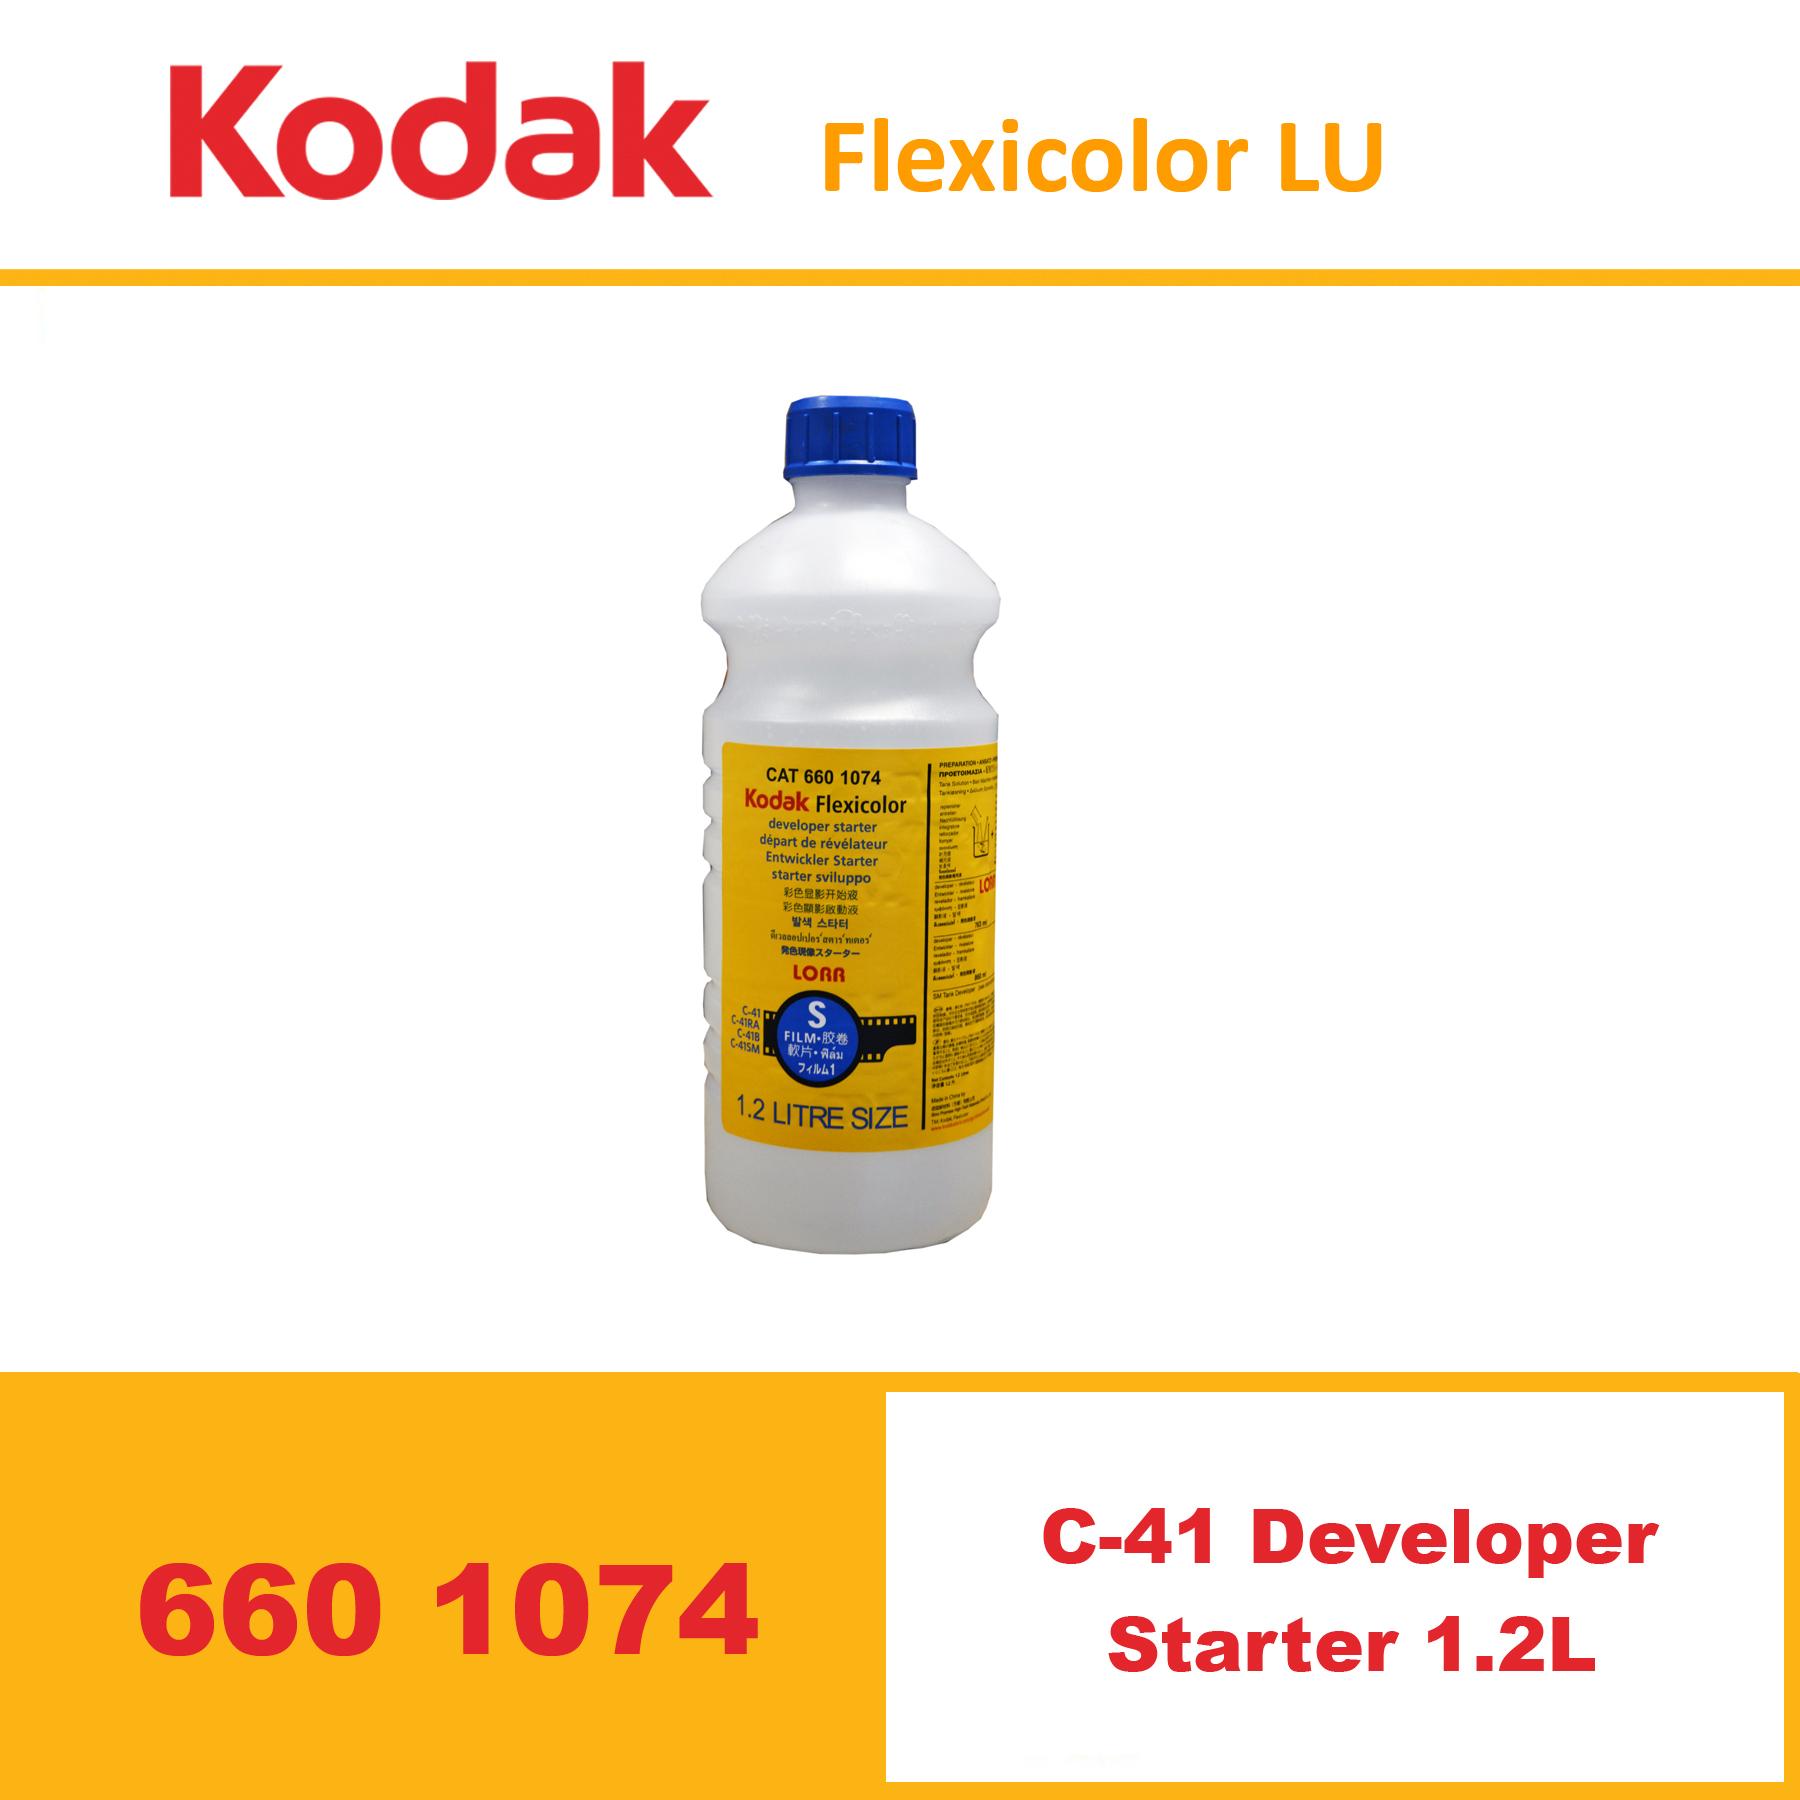 Kodak Flexicolor C41 Developer Starter 1.2L